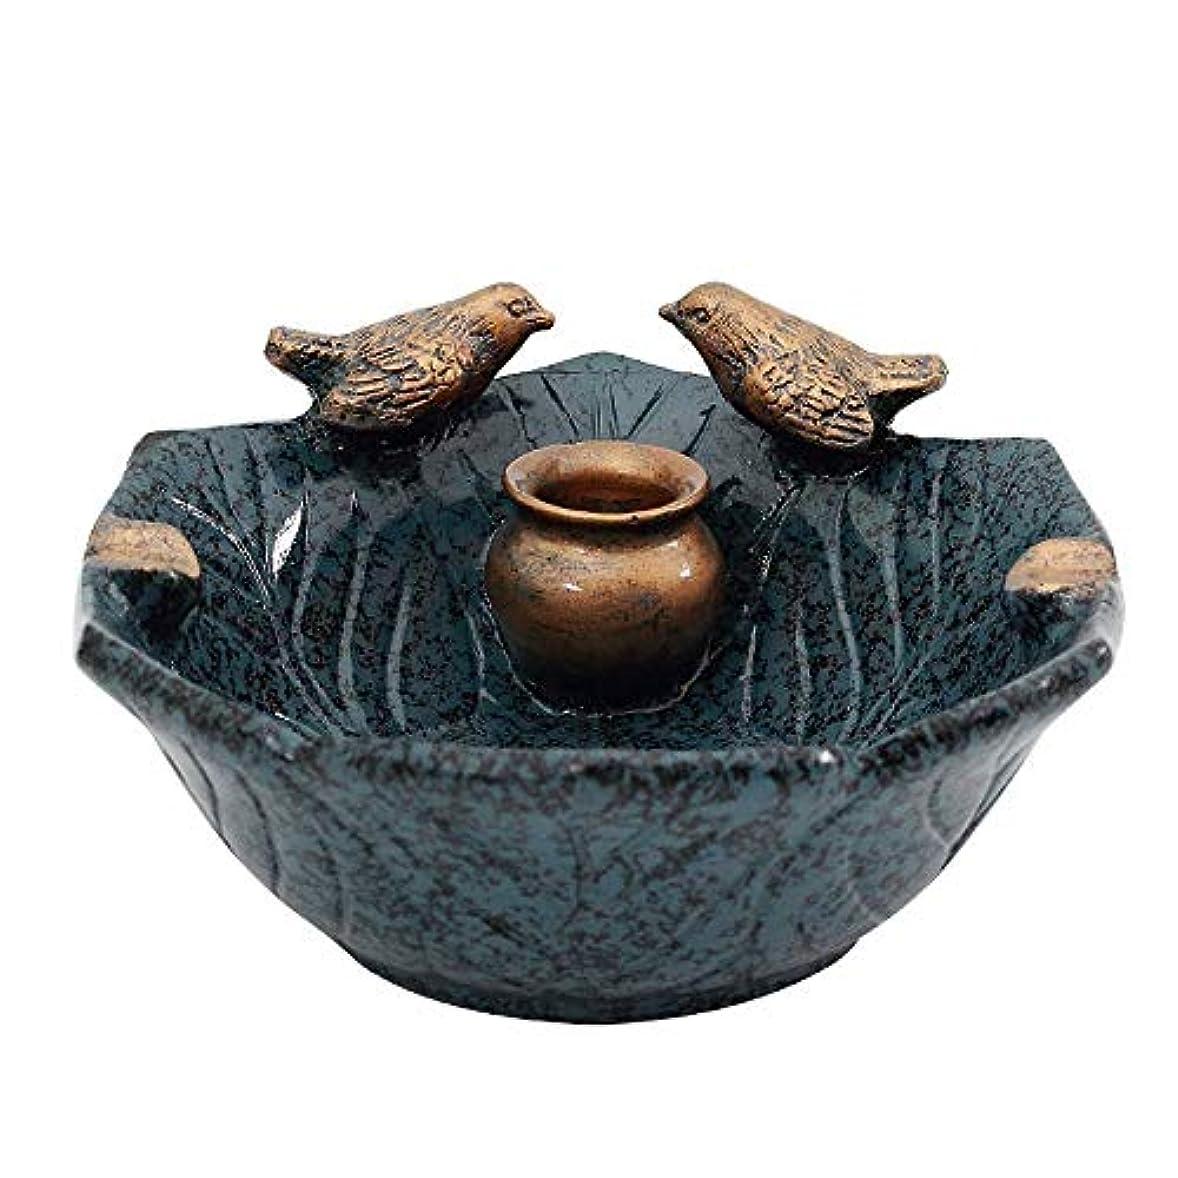 酔っ払い追跡ハンマータバコ、ギフトおよび総本店の装飾のための灰皿丸い光沢のある灰皿(青)